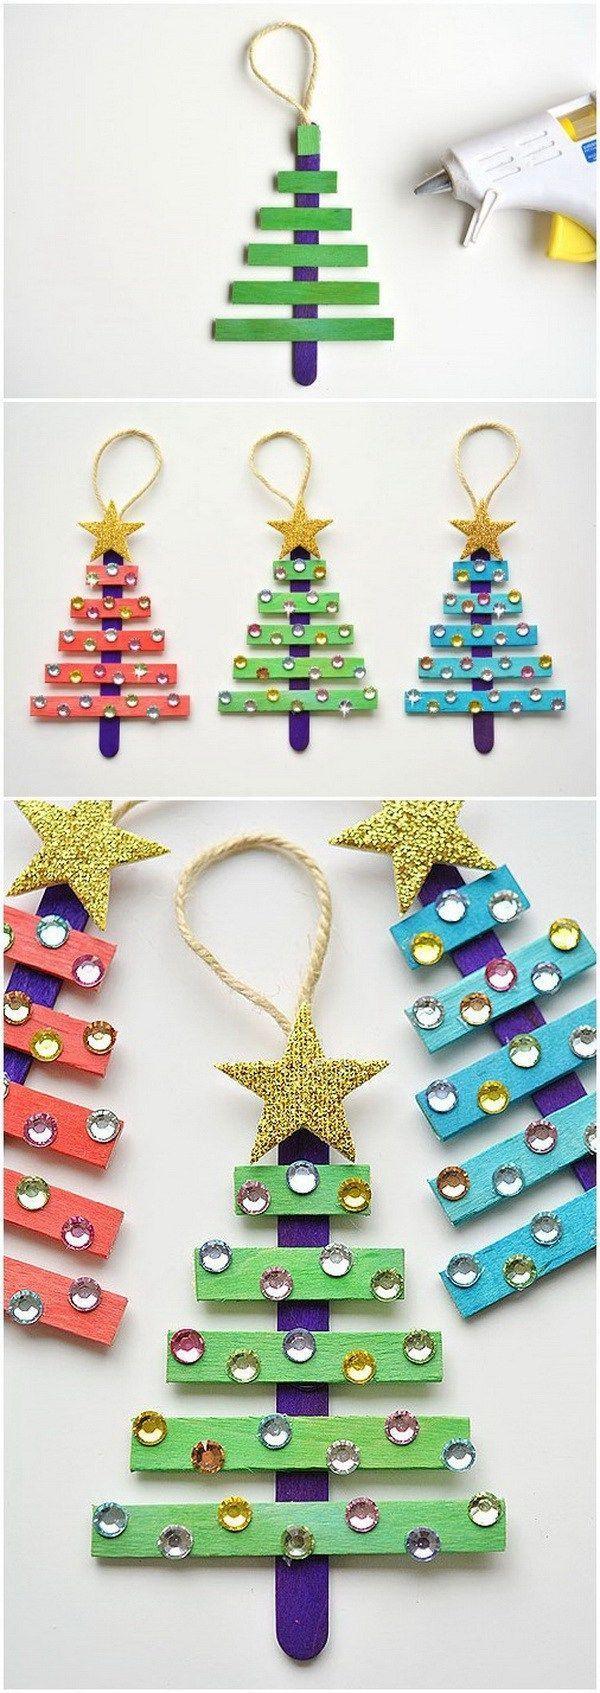 unglaublich  Glitzernde Stiel-Weihnachtsbäume. Holen Sie sich ein paar Packungen ... #diygesc ...